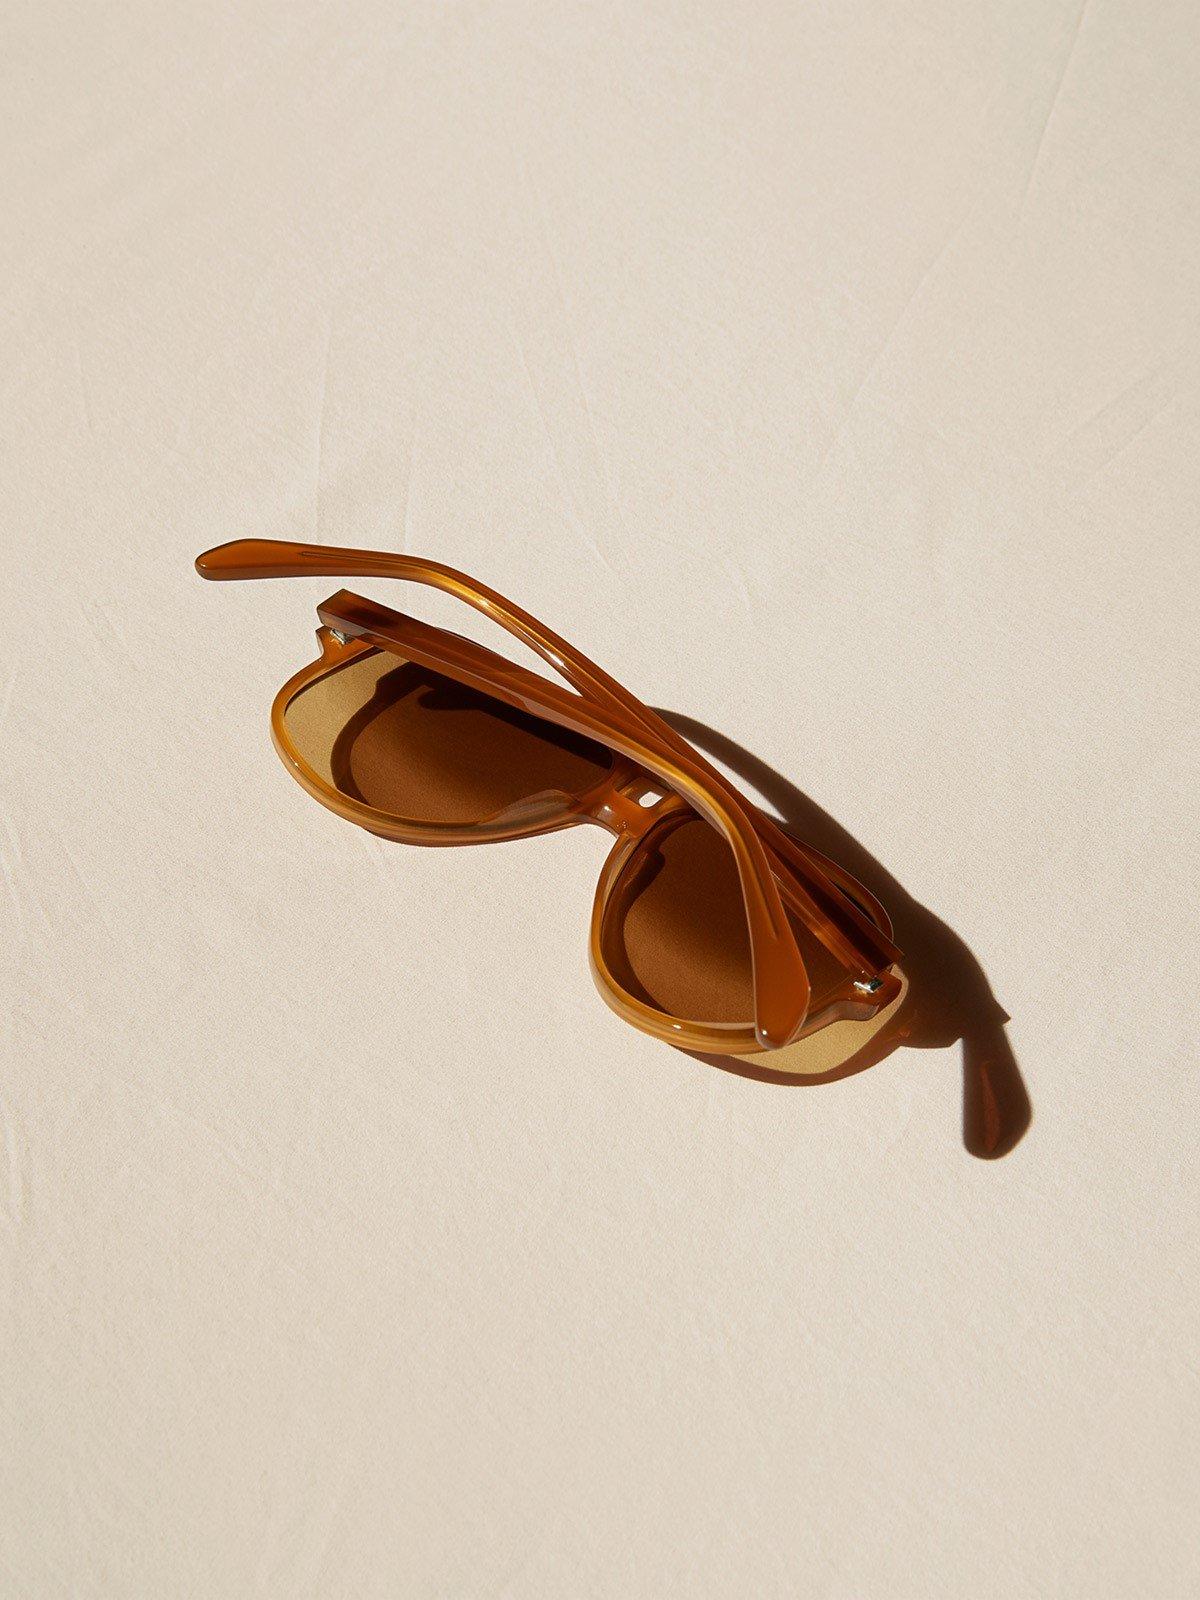 SS17 eyewear